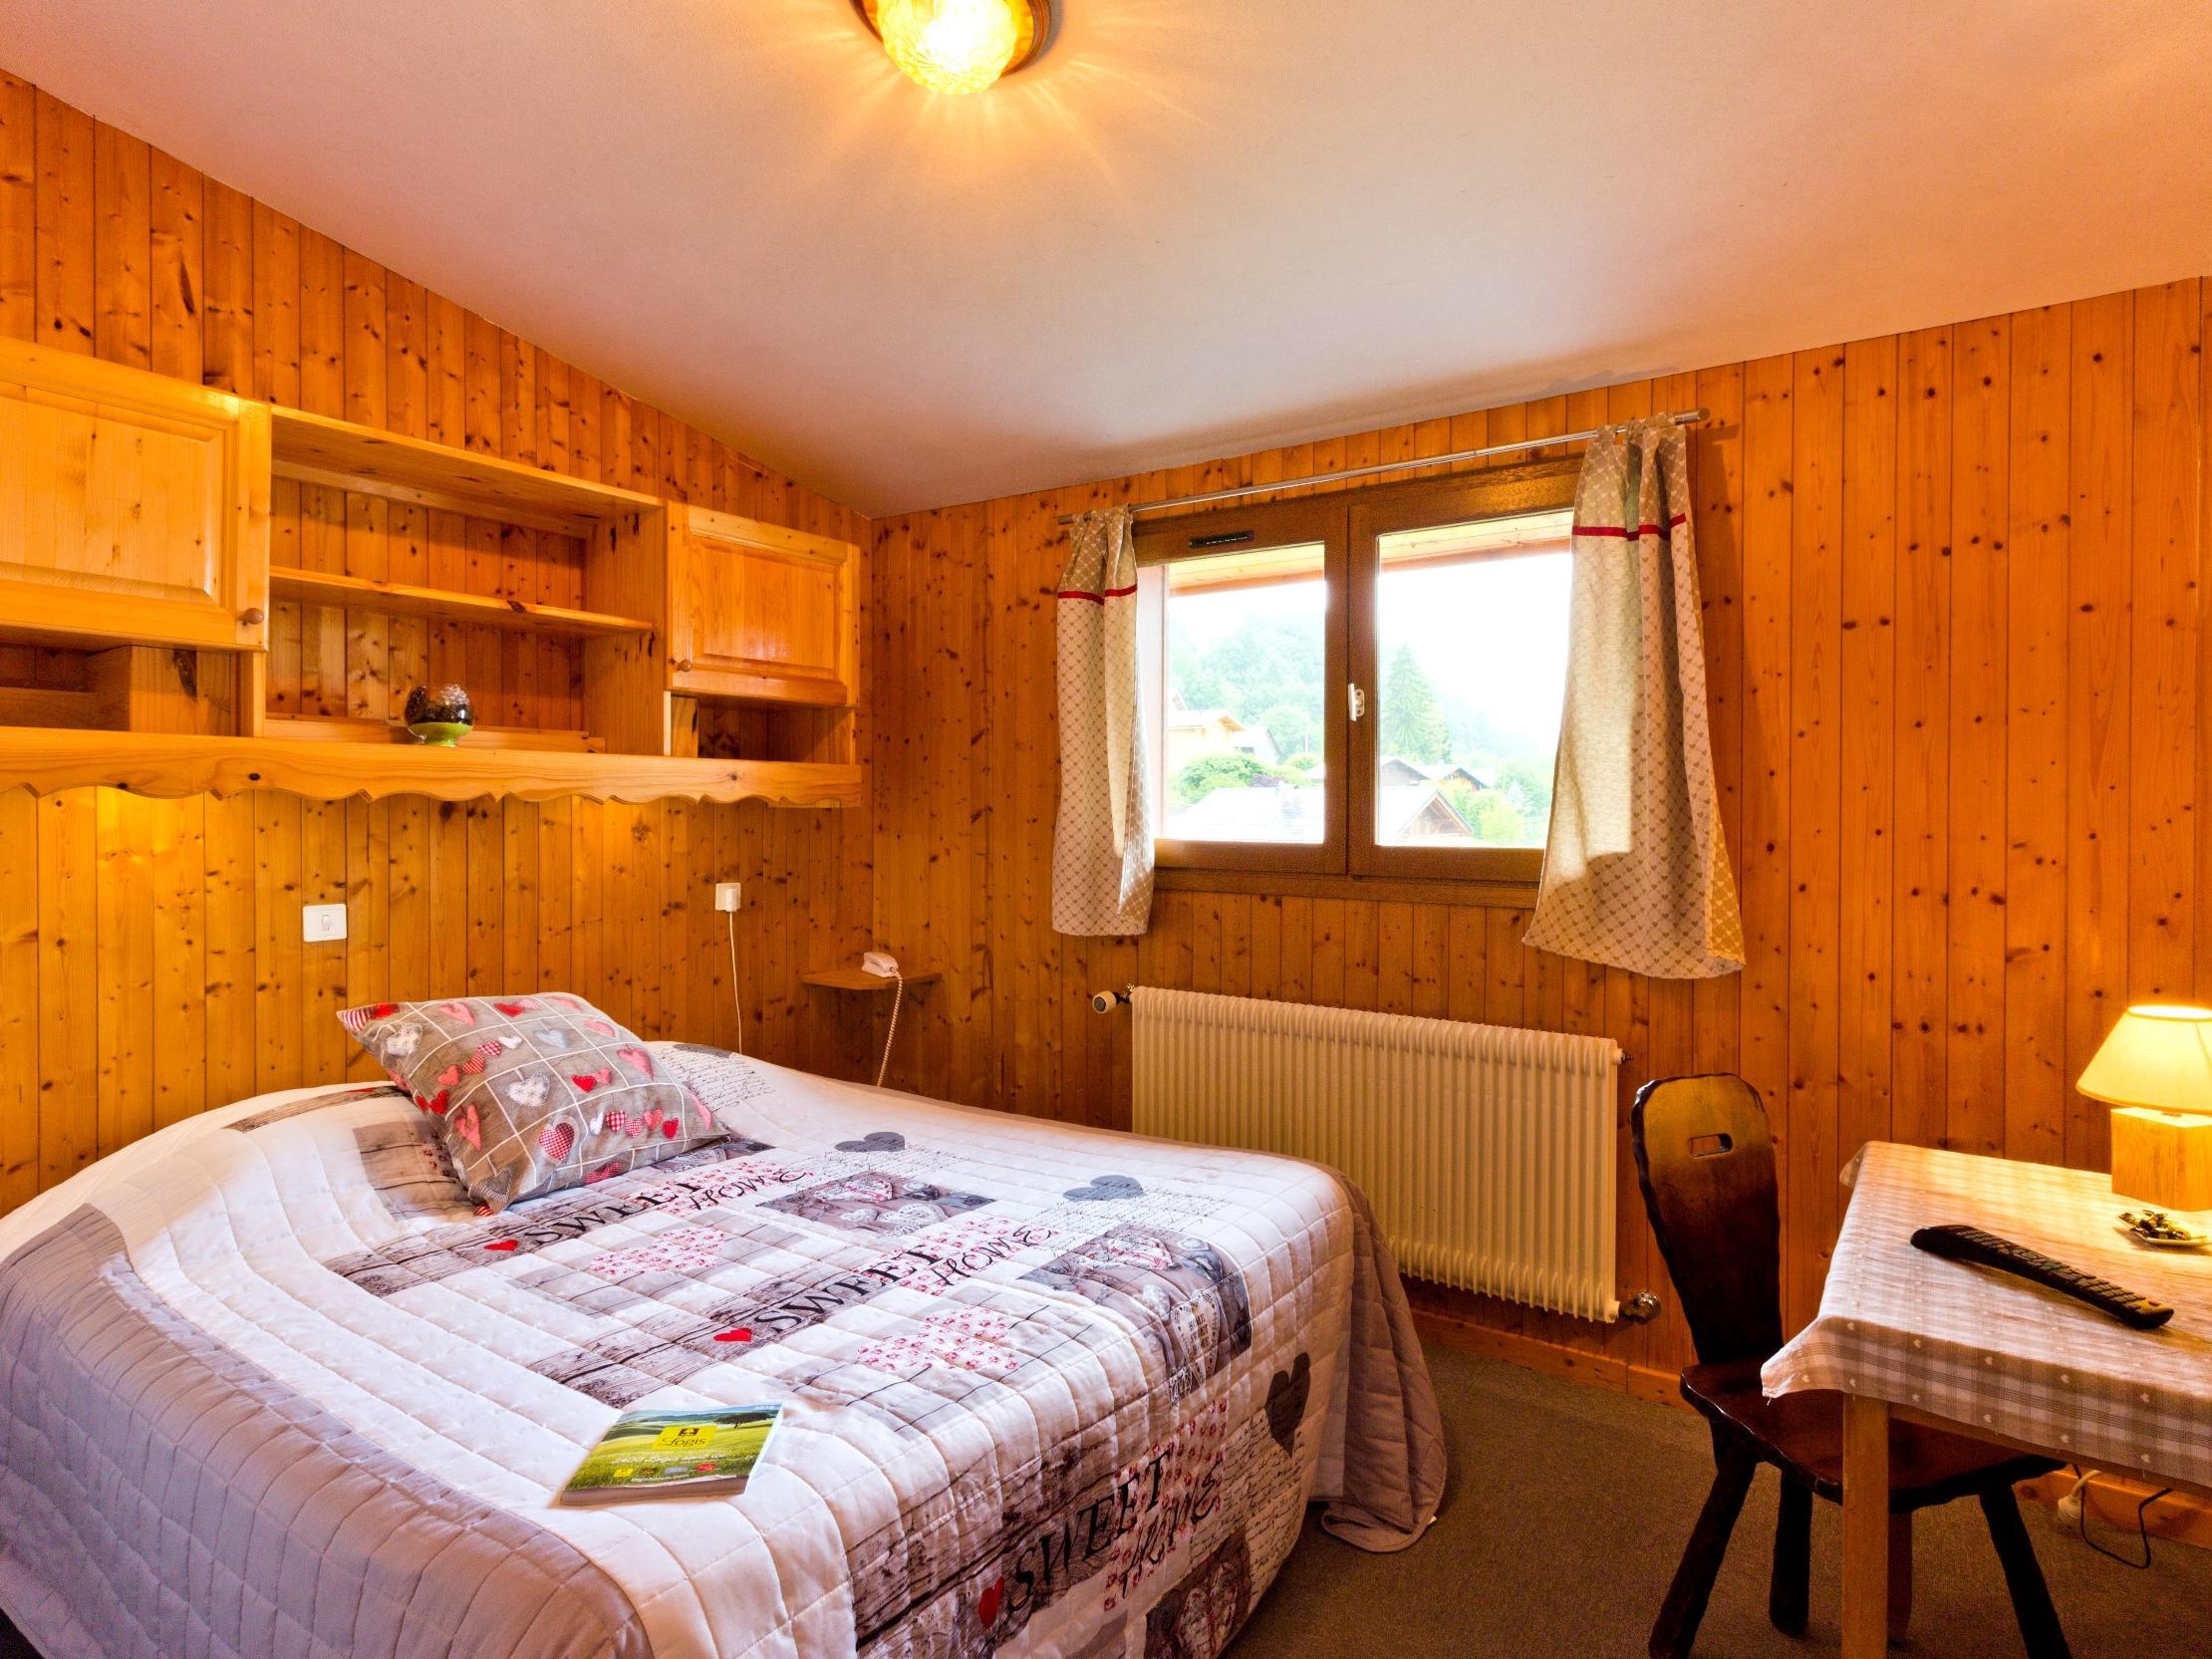 Hotel La Boule De Neige Hotel Logis Samoens Stay Rhone Alps